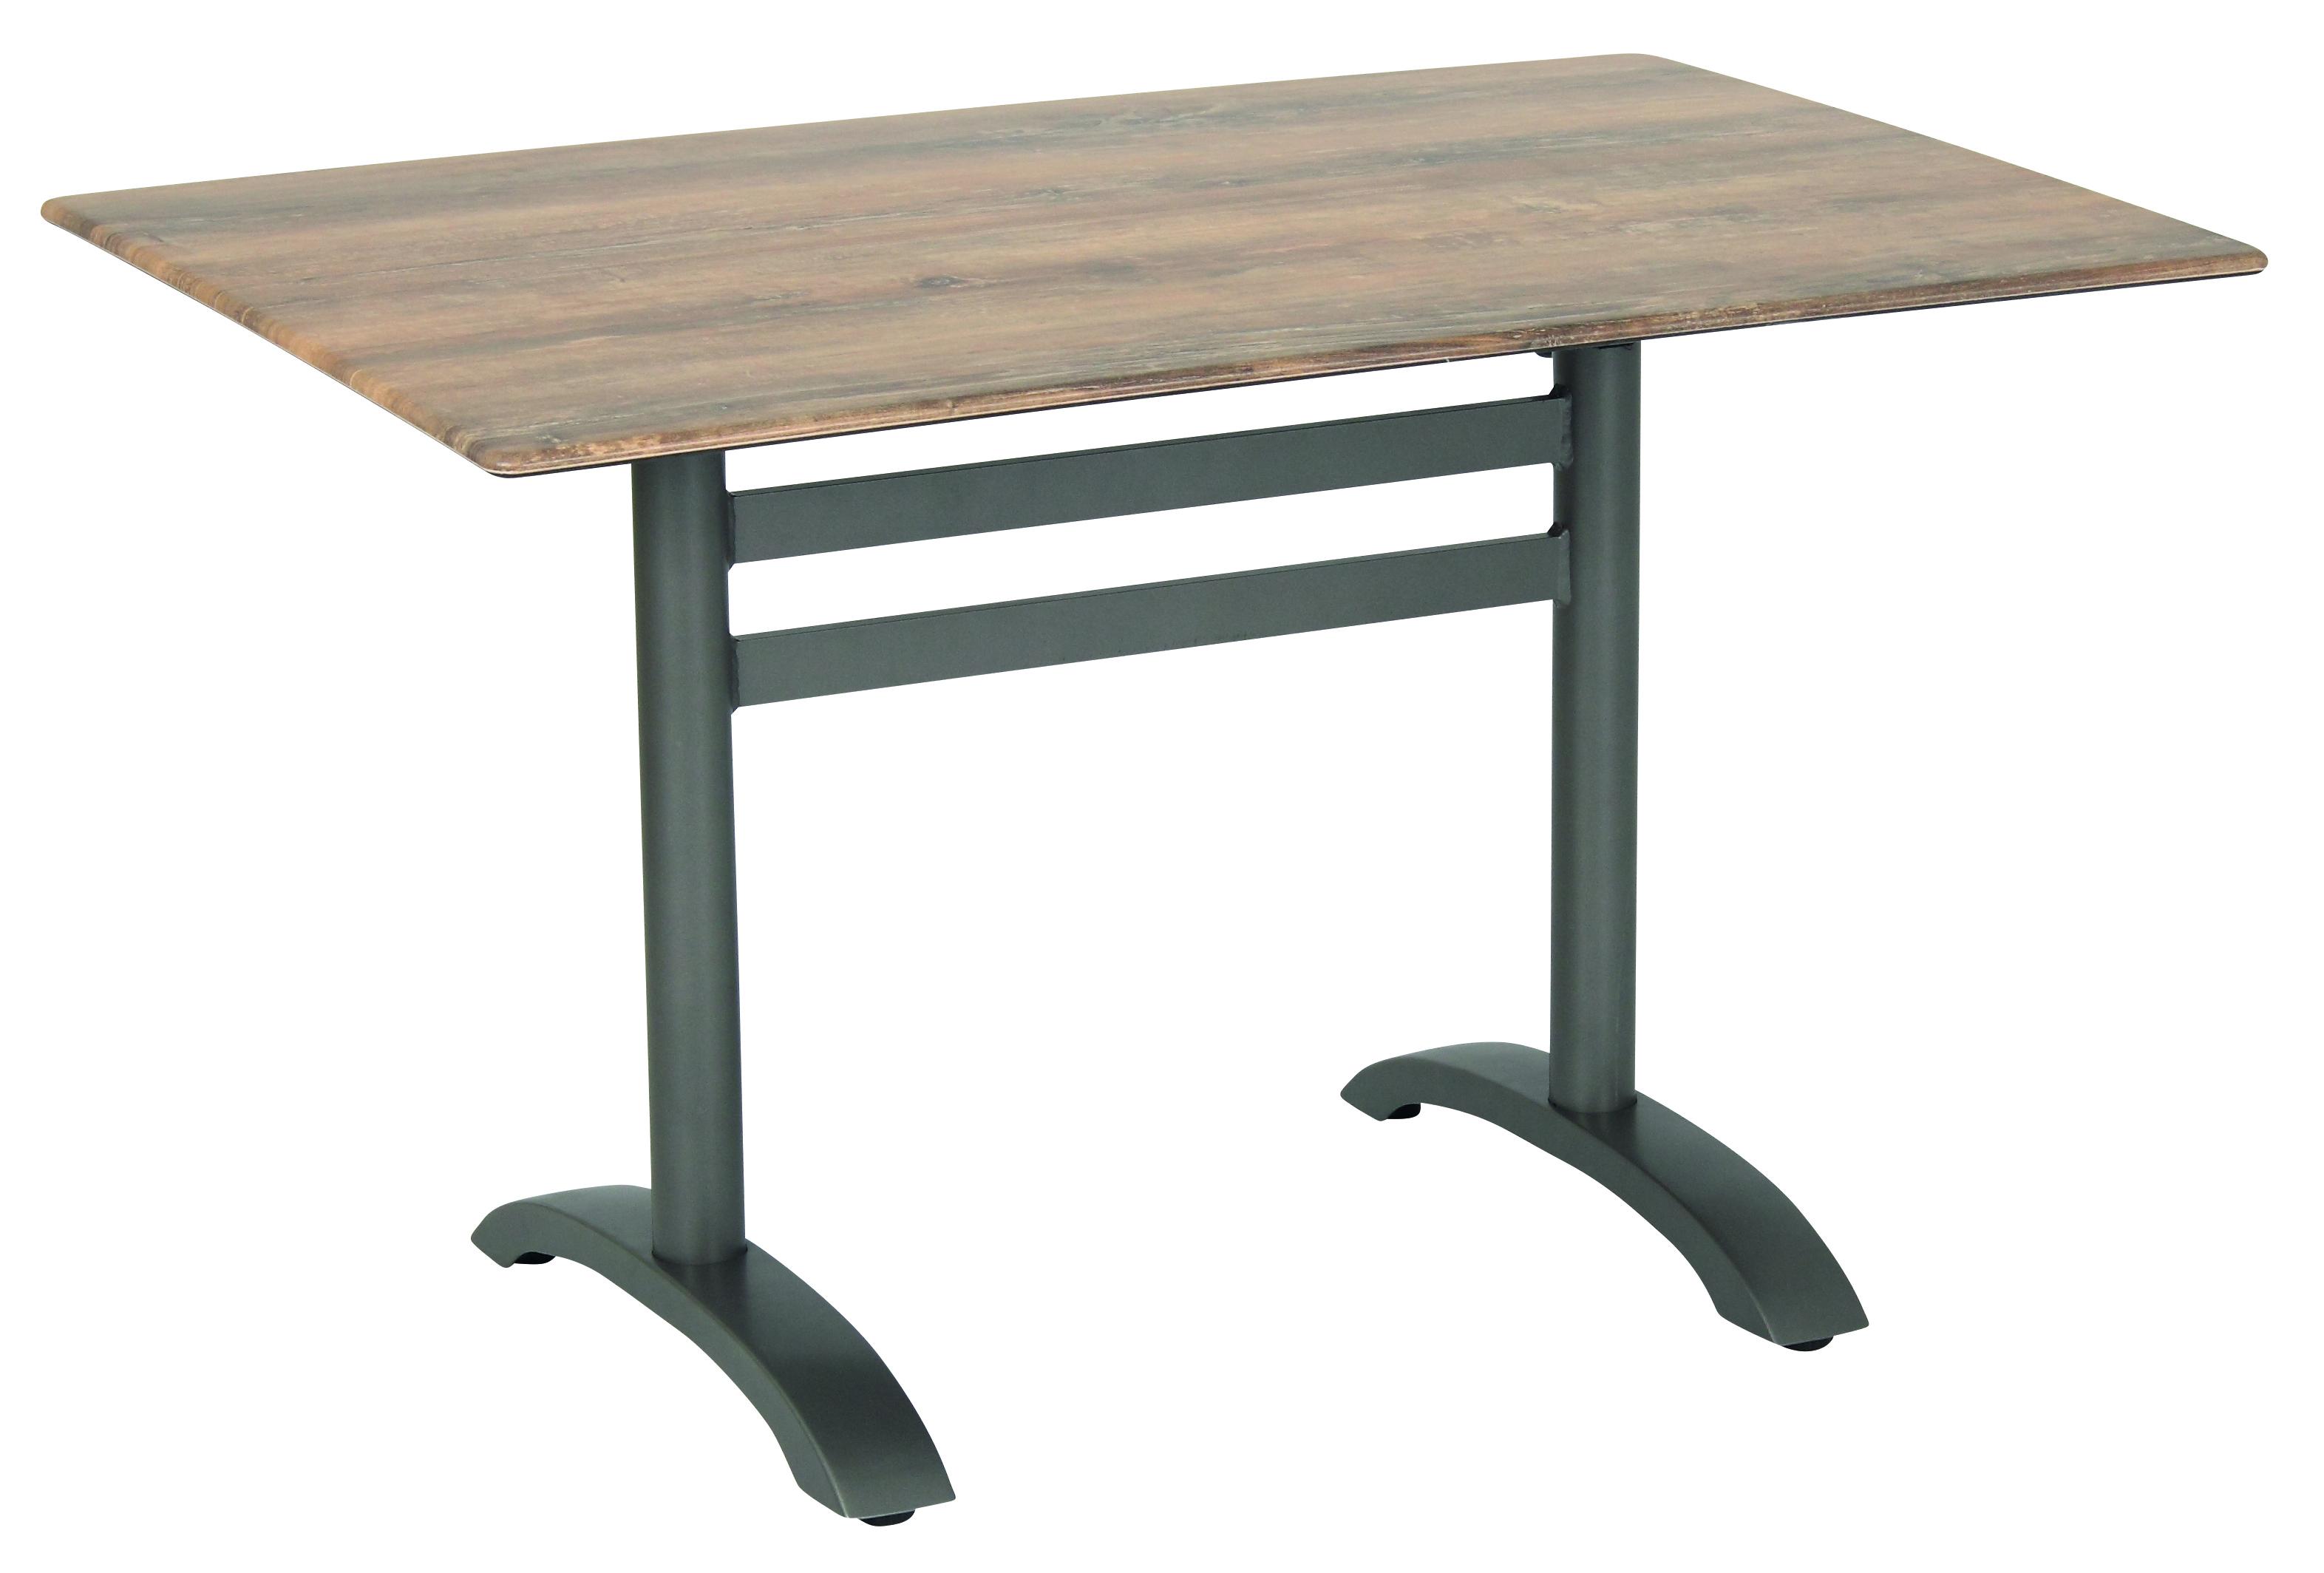 Balkon Tisch 120x80.Details Zu Acamp Gartentisch Bistrotisch Acaplan 120x80 Cm Balkontisch Klapptisch Cherry